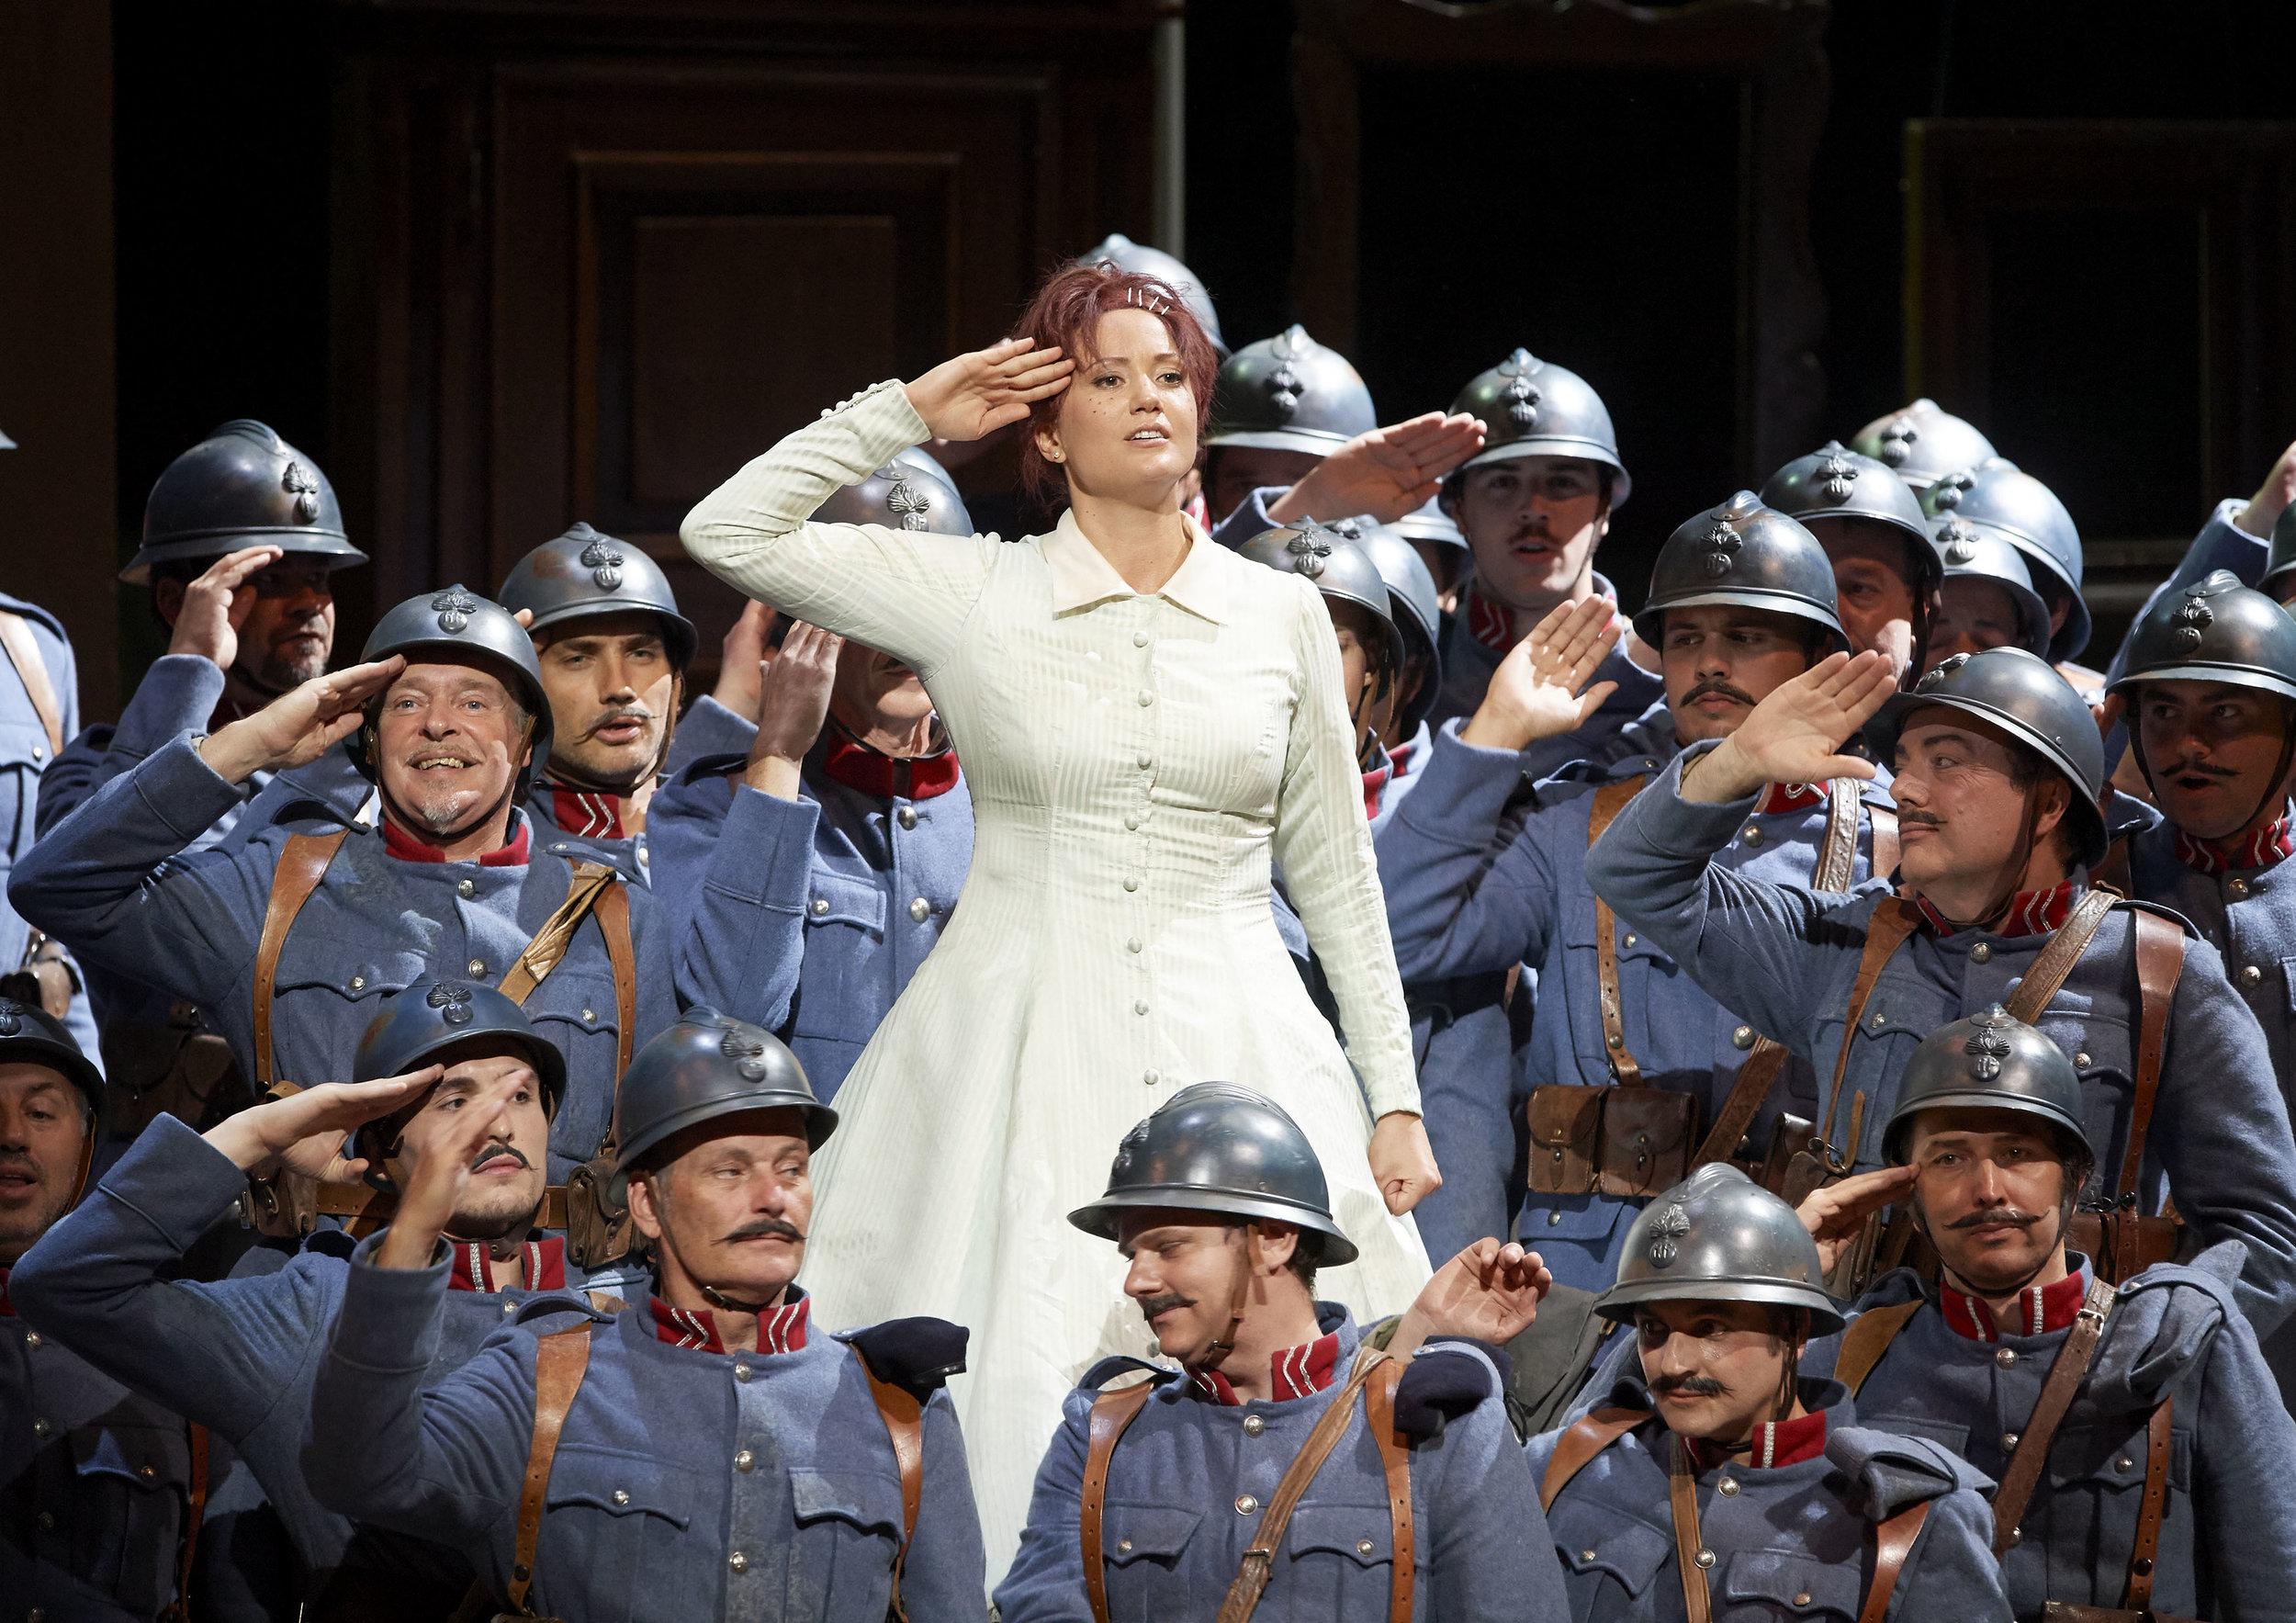 5-la_fille_du_regiment_credit_wiener_staatsoper_michael_poehn.jpg